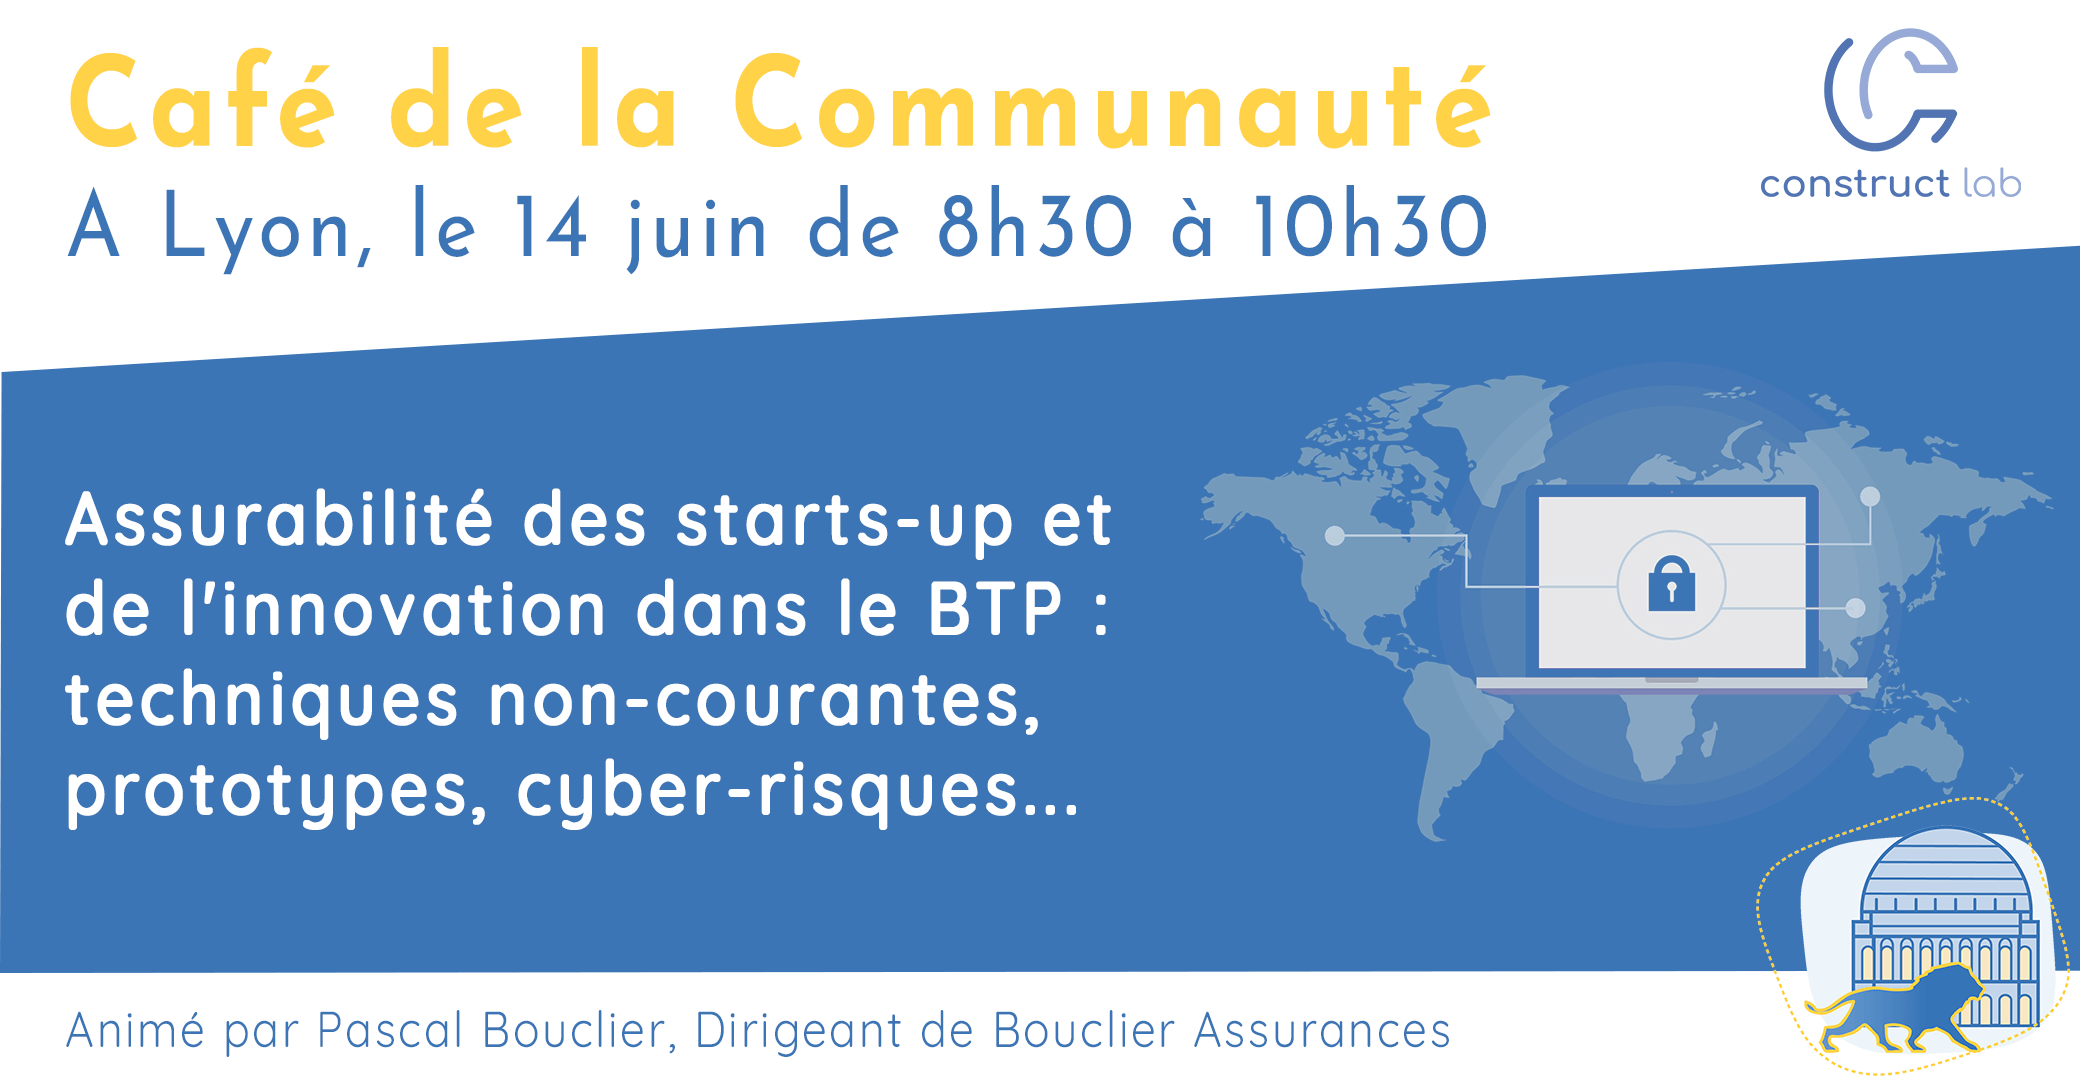 Visuel Café de la Communauté Lyon 14/06/19